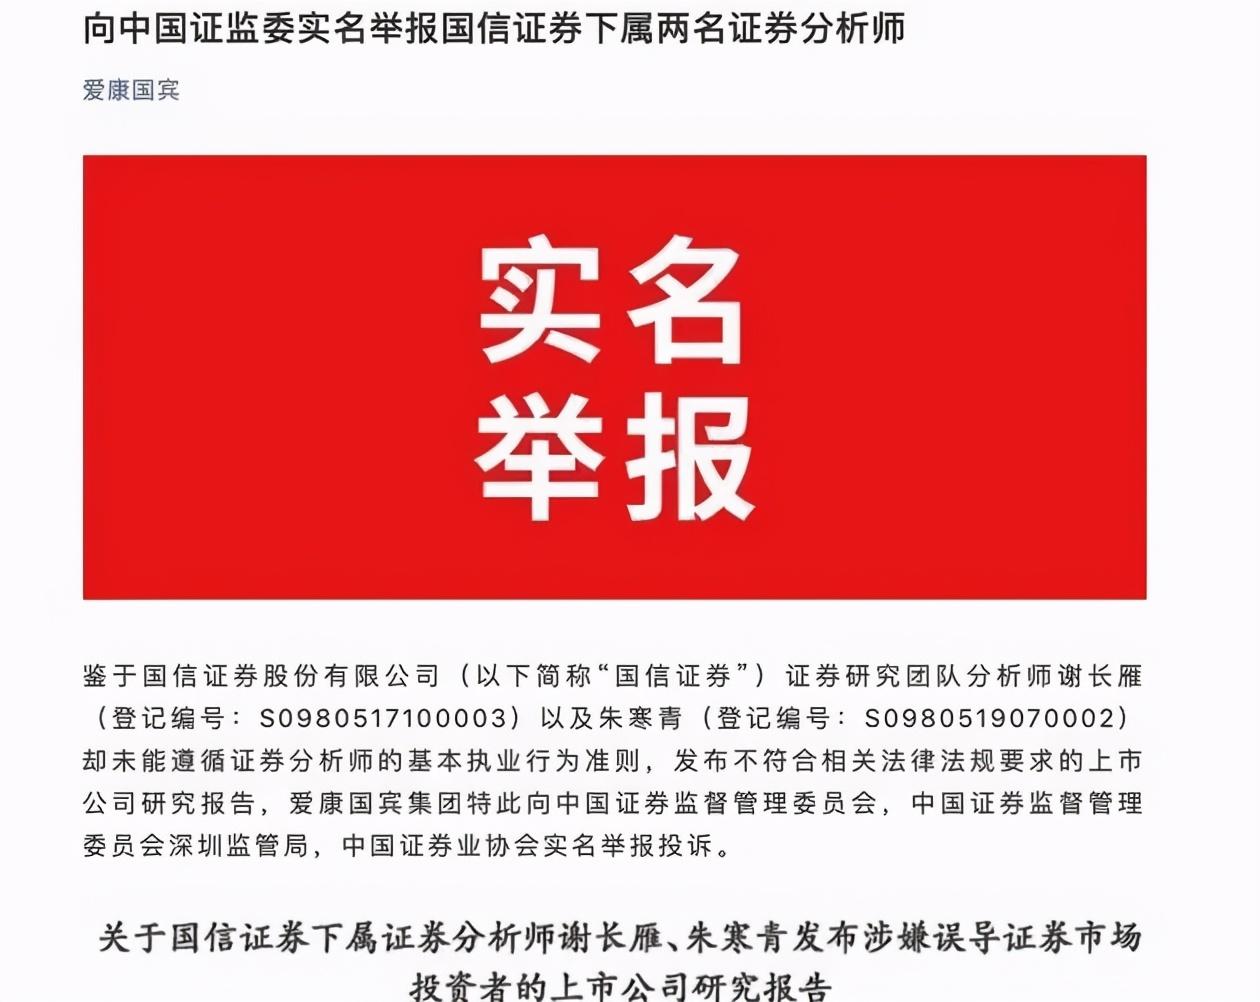 爱康国宾实名举报国信证券:仅凭臆测发布不实报告,违反法规